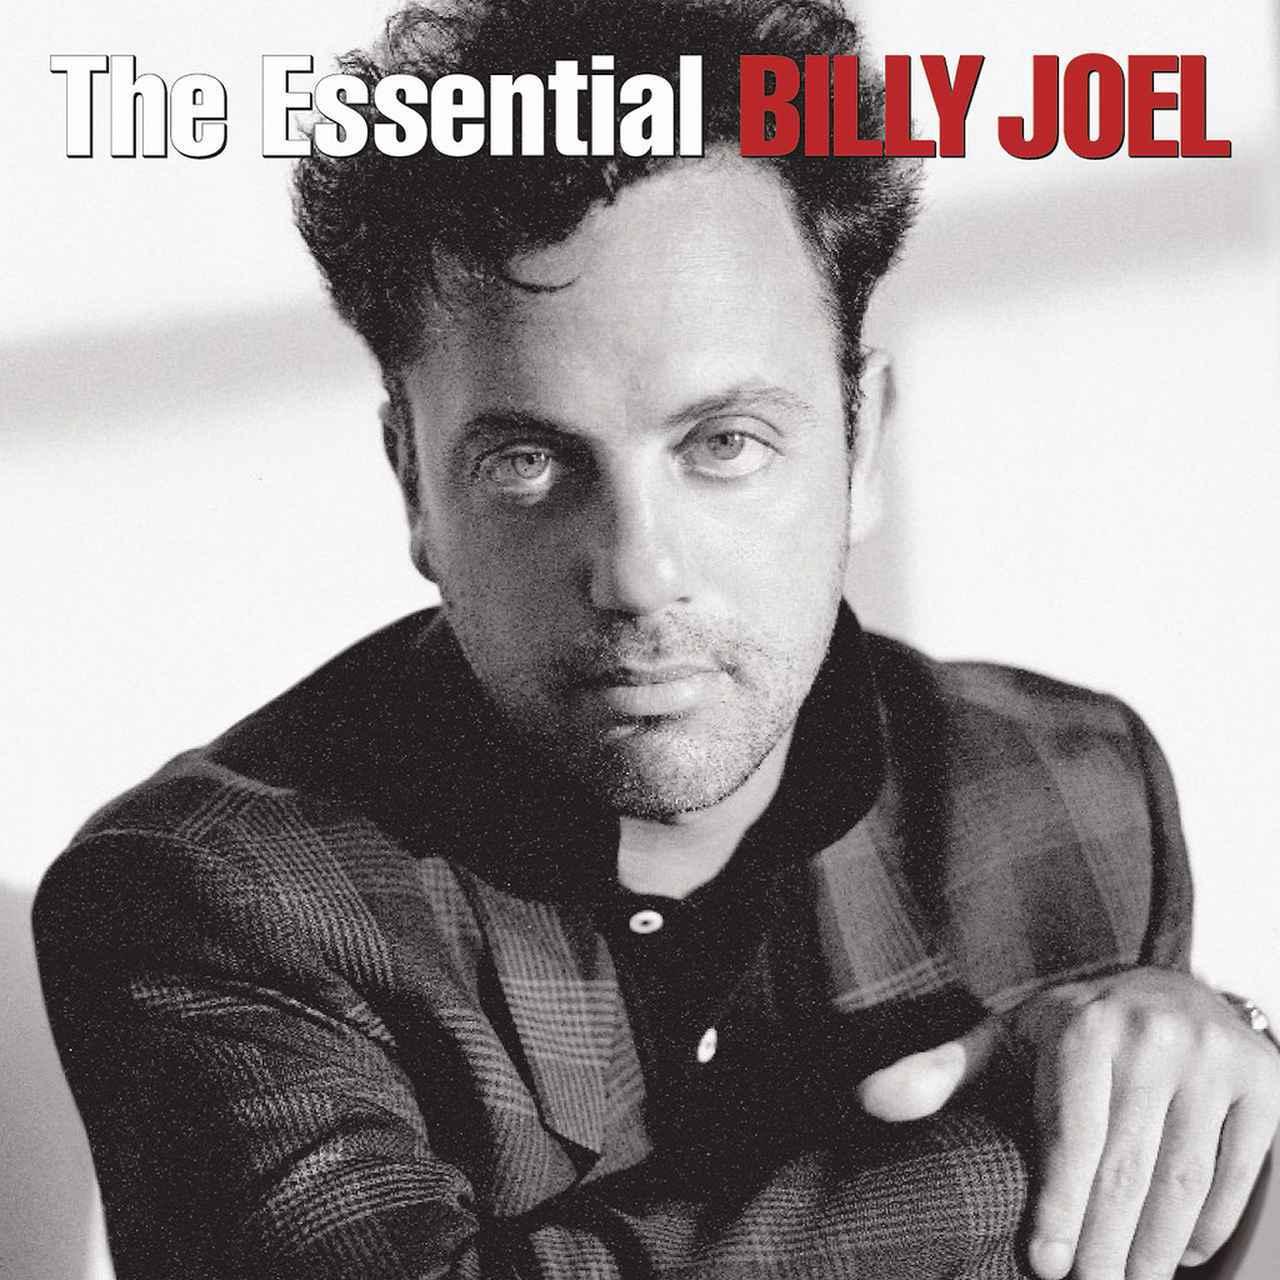 画像: The Essential Billy Joel / Billy Joel